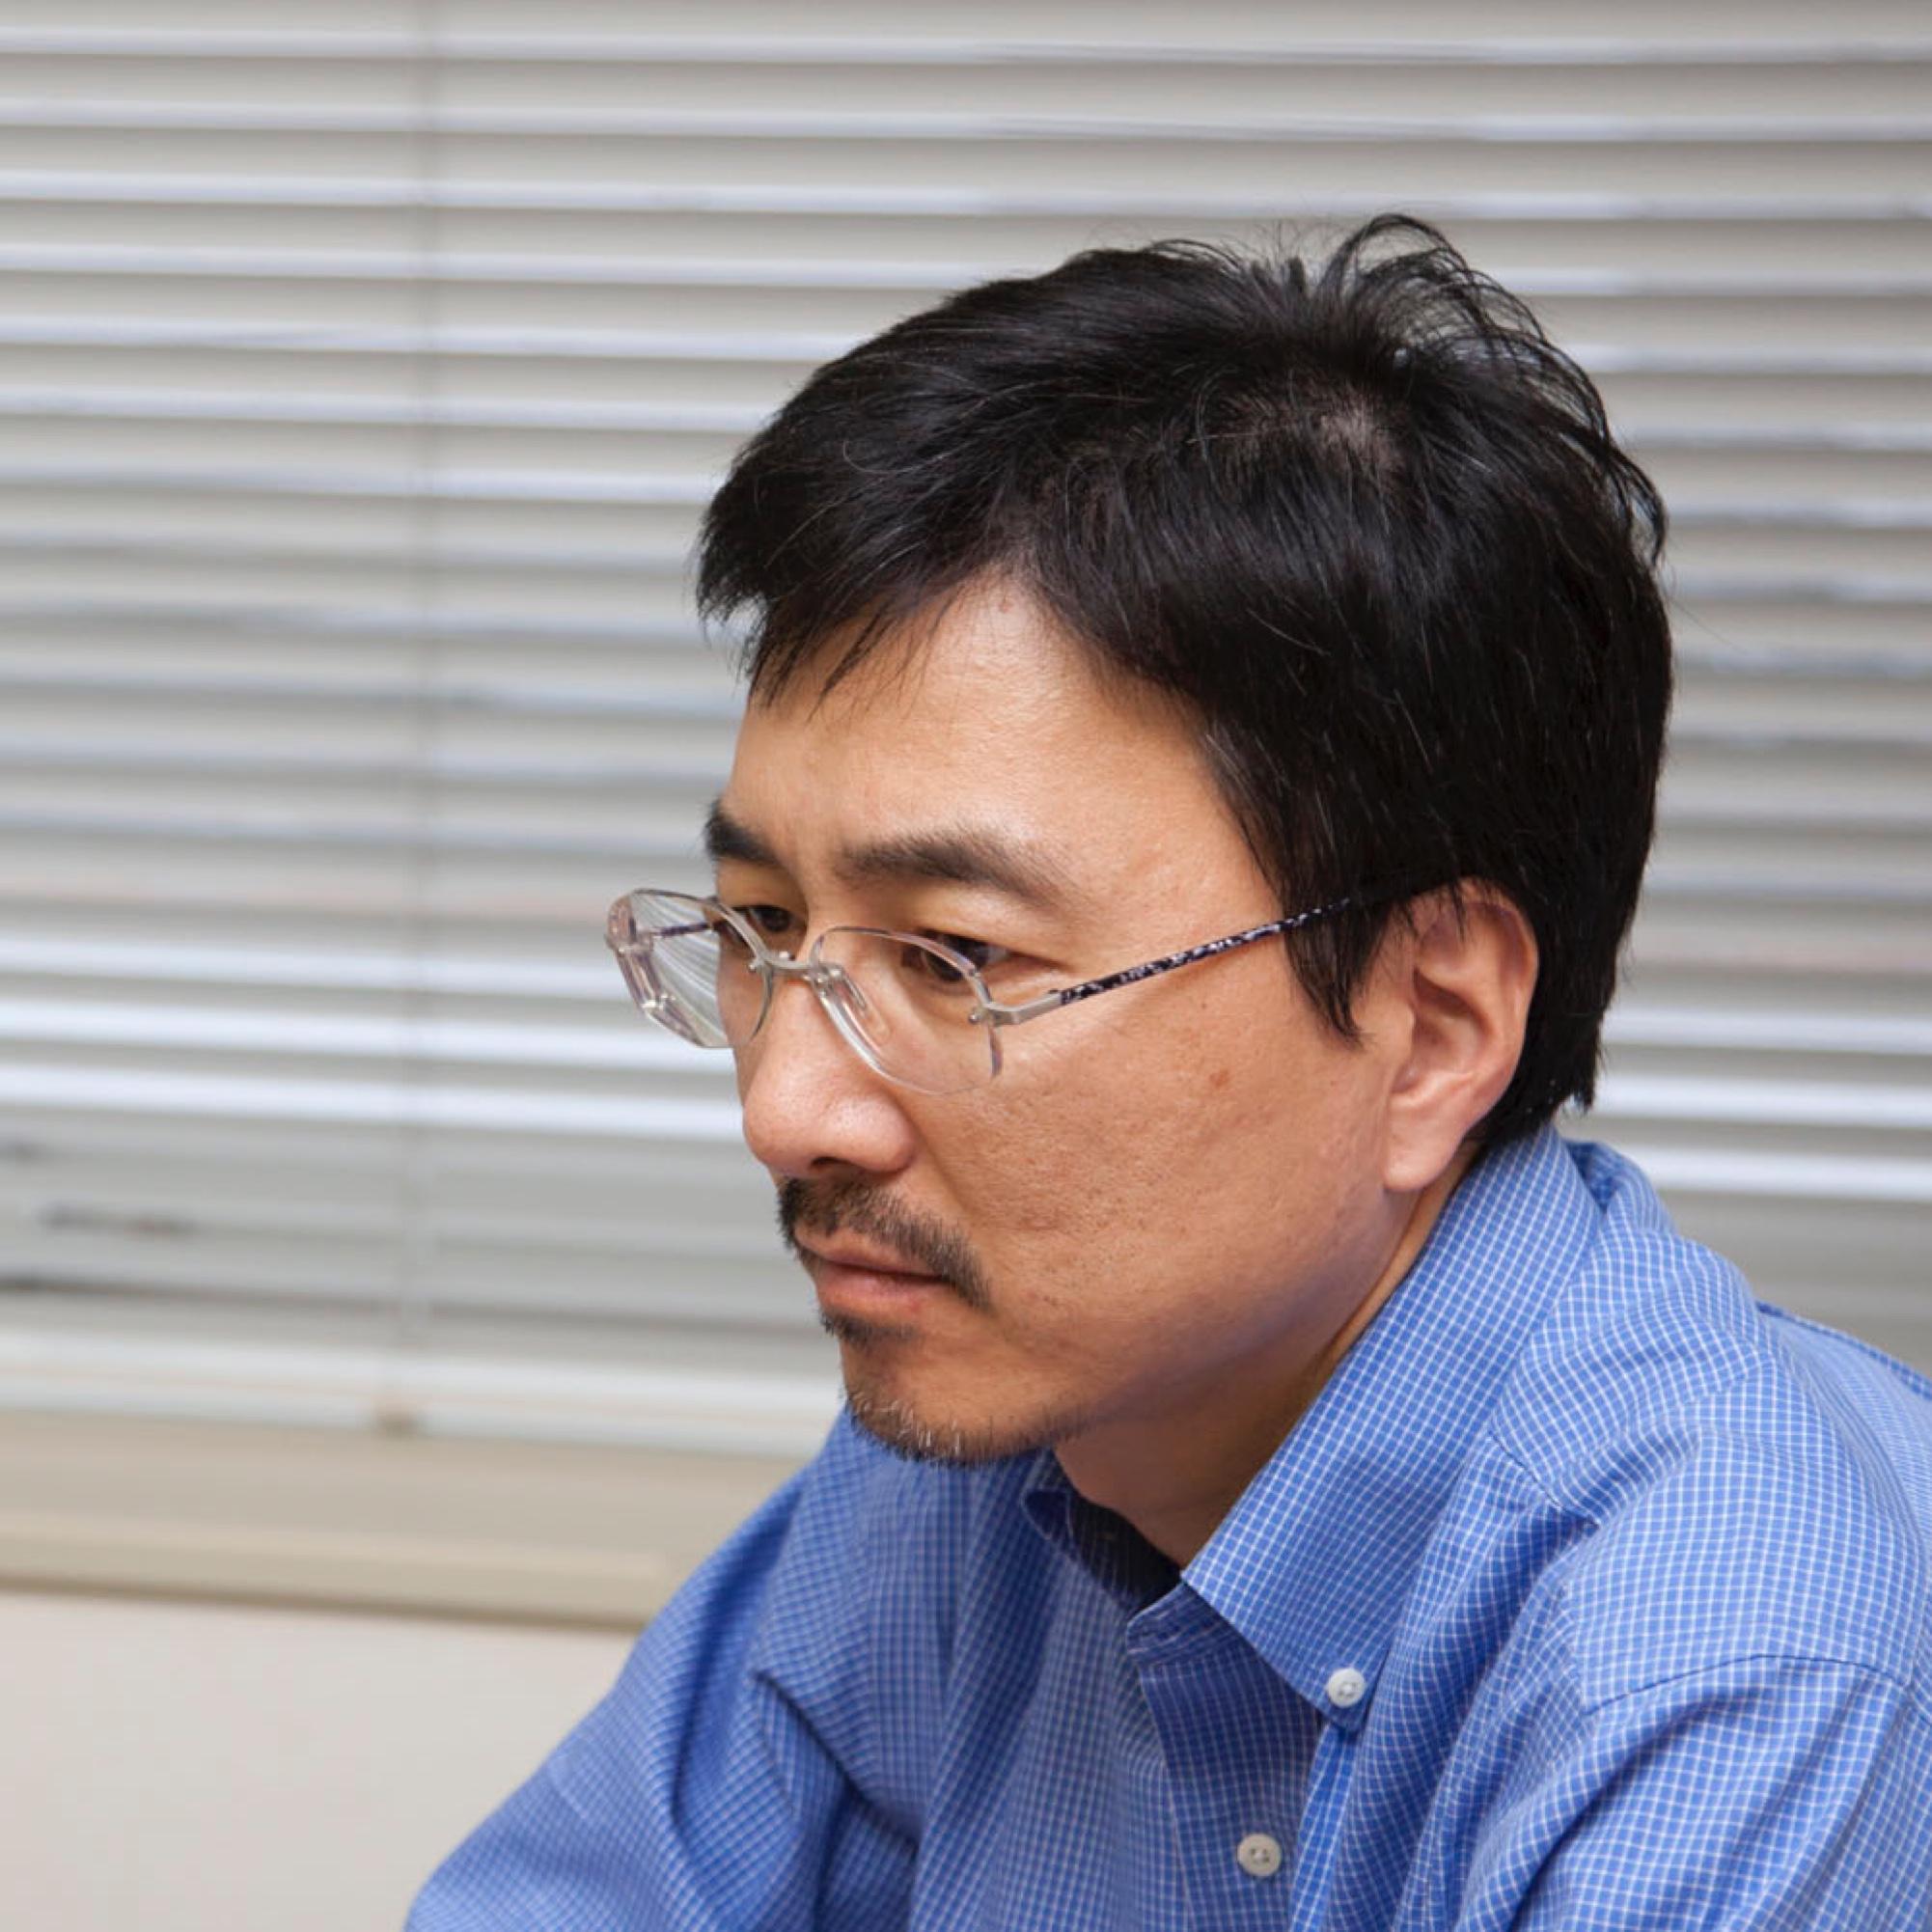 Masashi Hatta